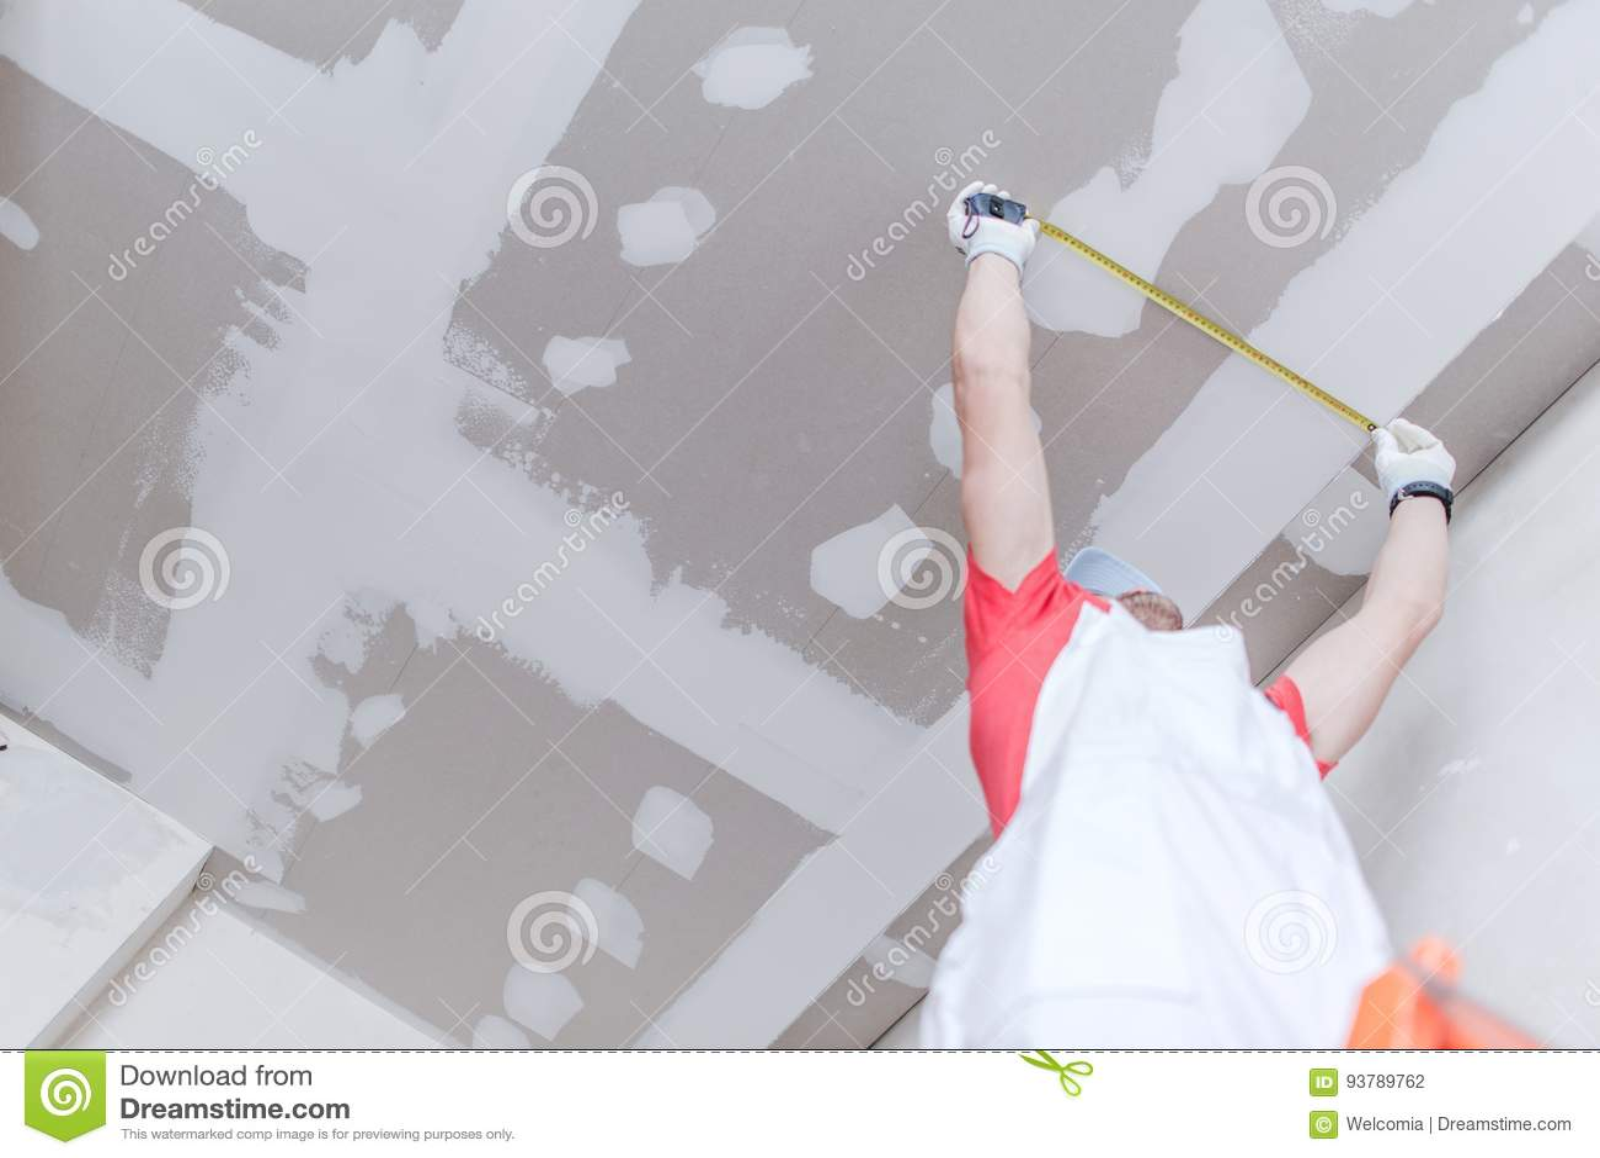 Drywall Measurement